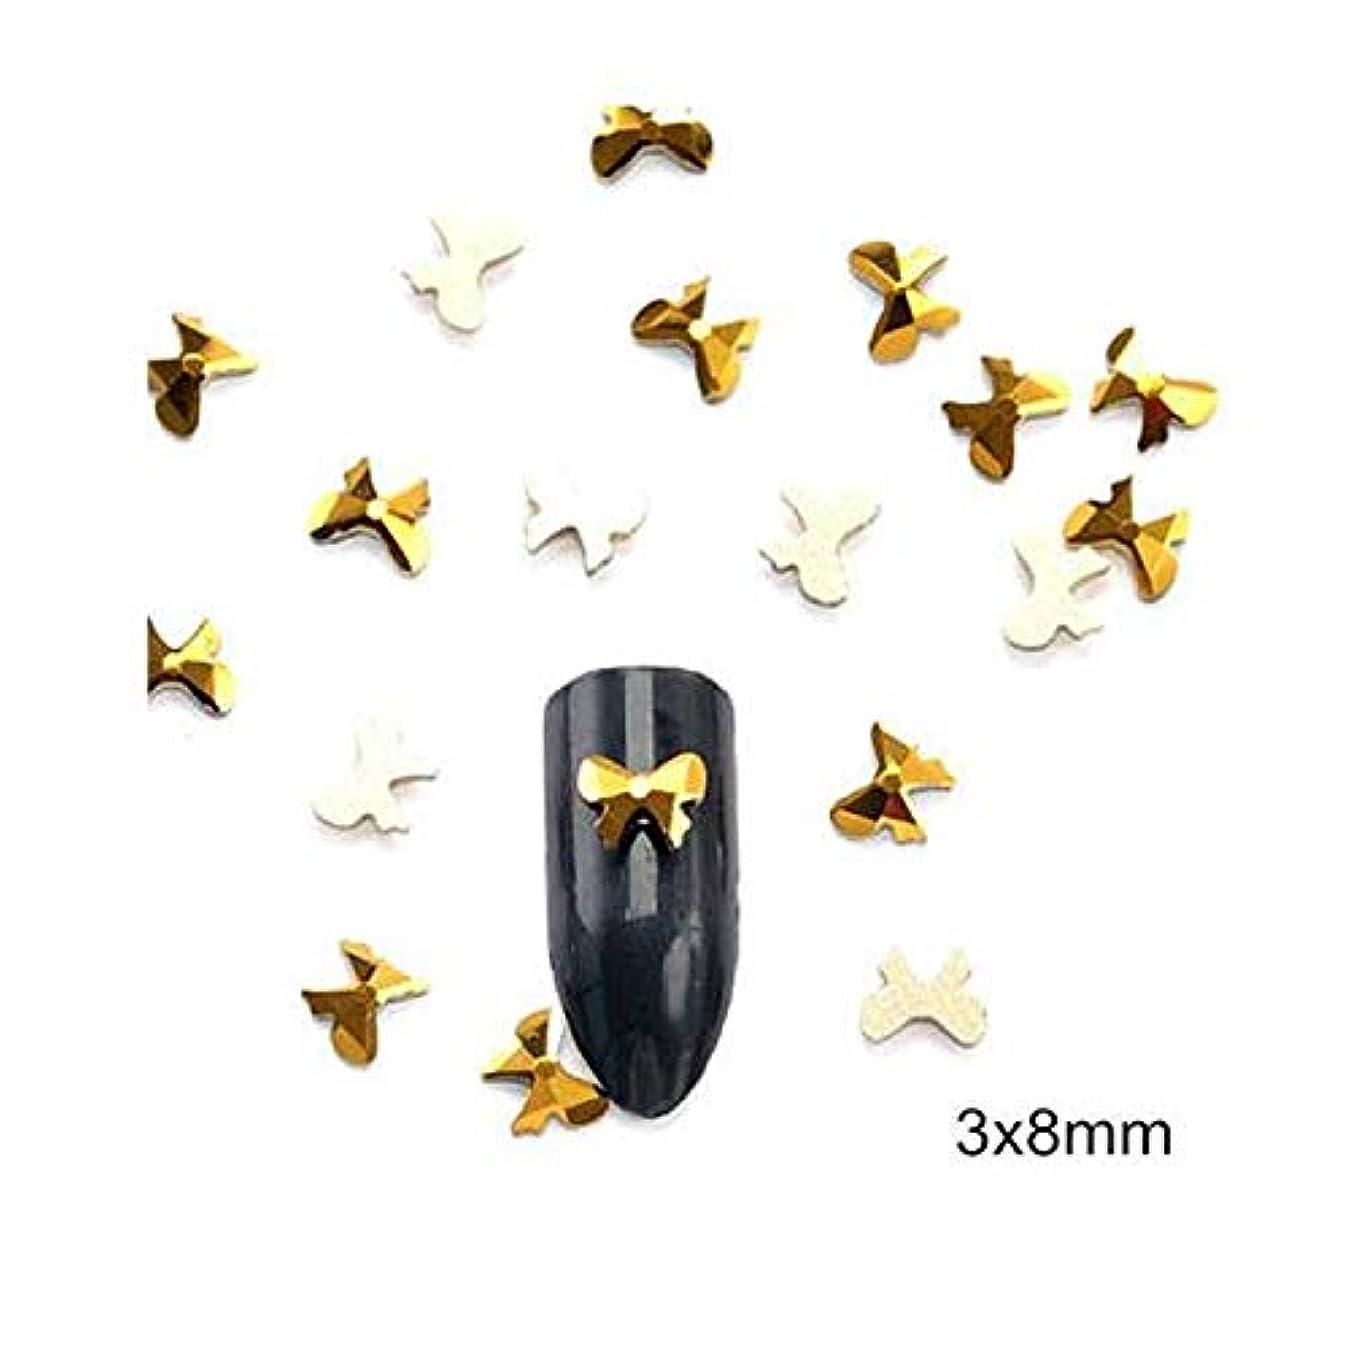 怖い腸寝室を掃除するFlysea ダイヤモンドゴールド完全な形のネイルステッカースーパーフラッシュネイルジュエリーフラットドリルはネイルズアートの装飾結晶が設定したドリル(12グリッドボックス) (色 : Bow 10PCS)